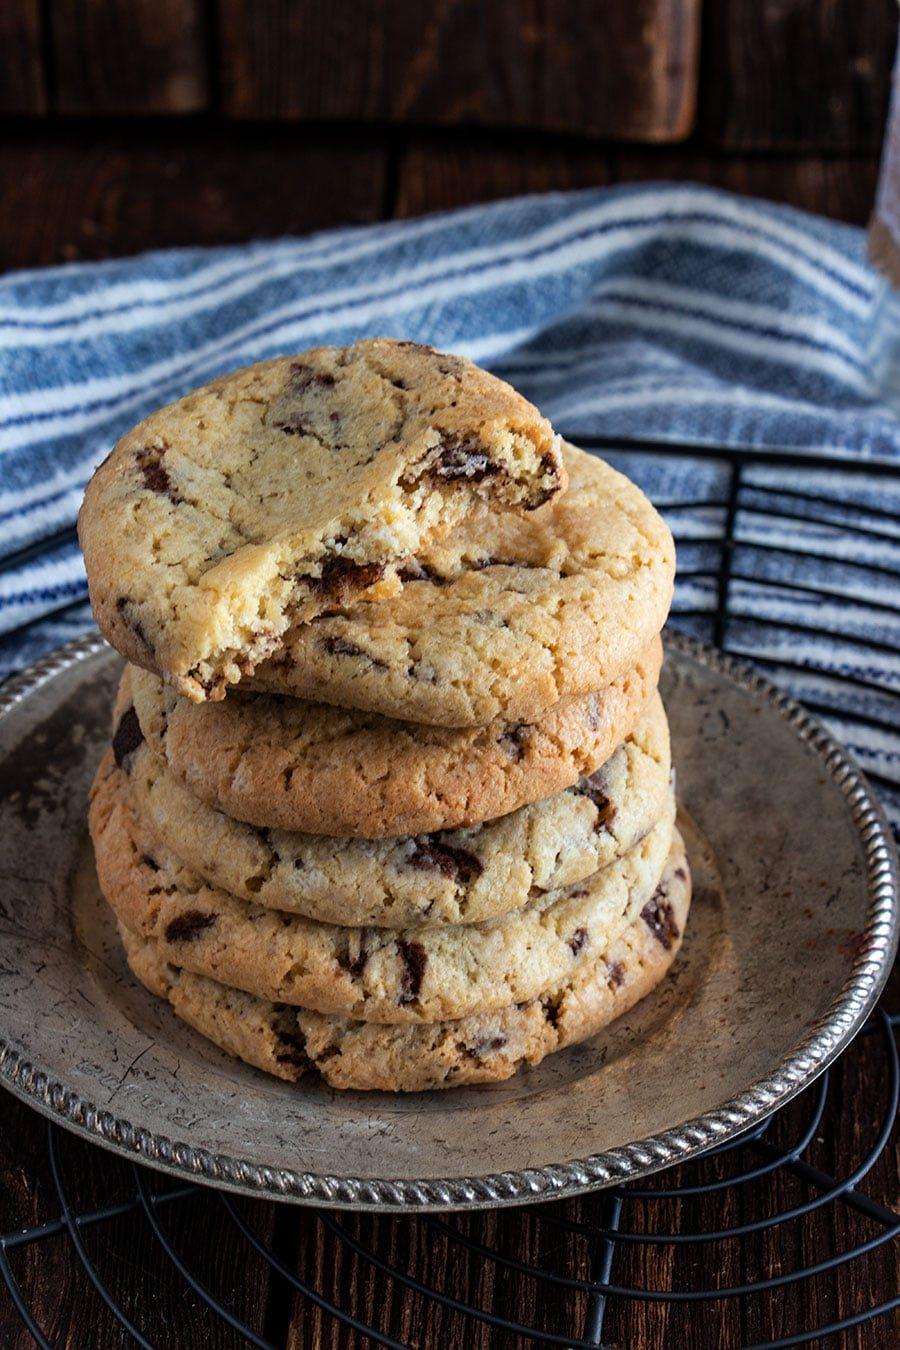 american cookies rezept mit schokolade fast wie bei subways die k che brennt. Black Bedroom Furniture Sets. Home Design Ideas